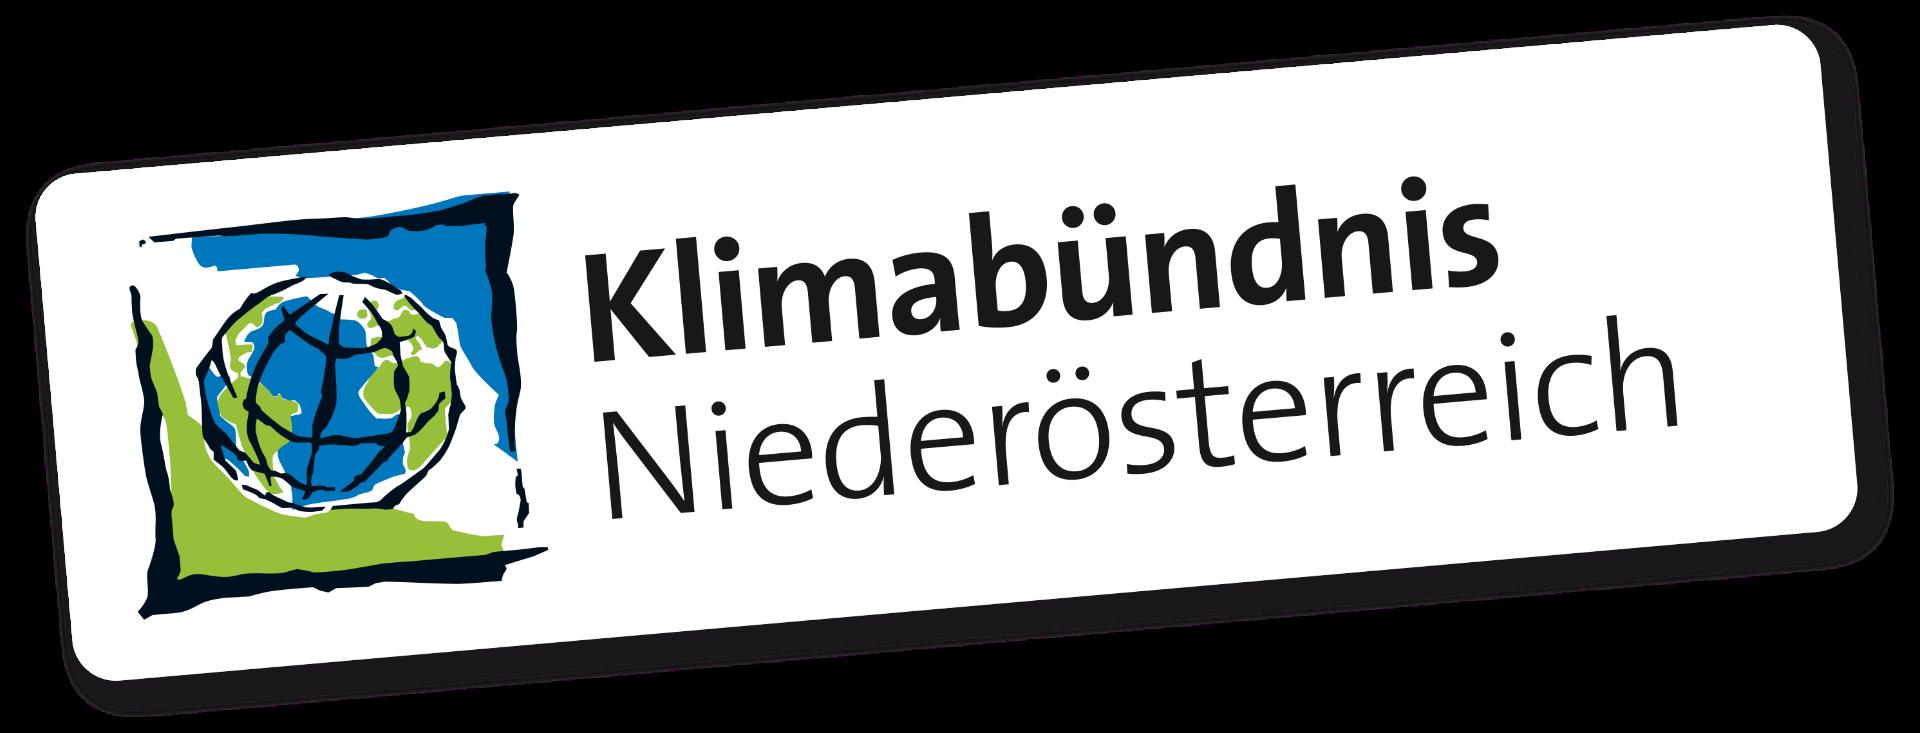 Klimabuendnis_logo_noe.png